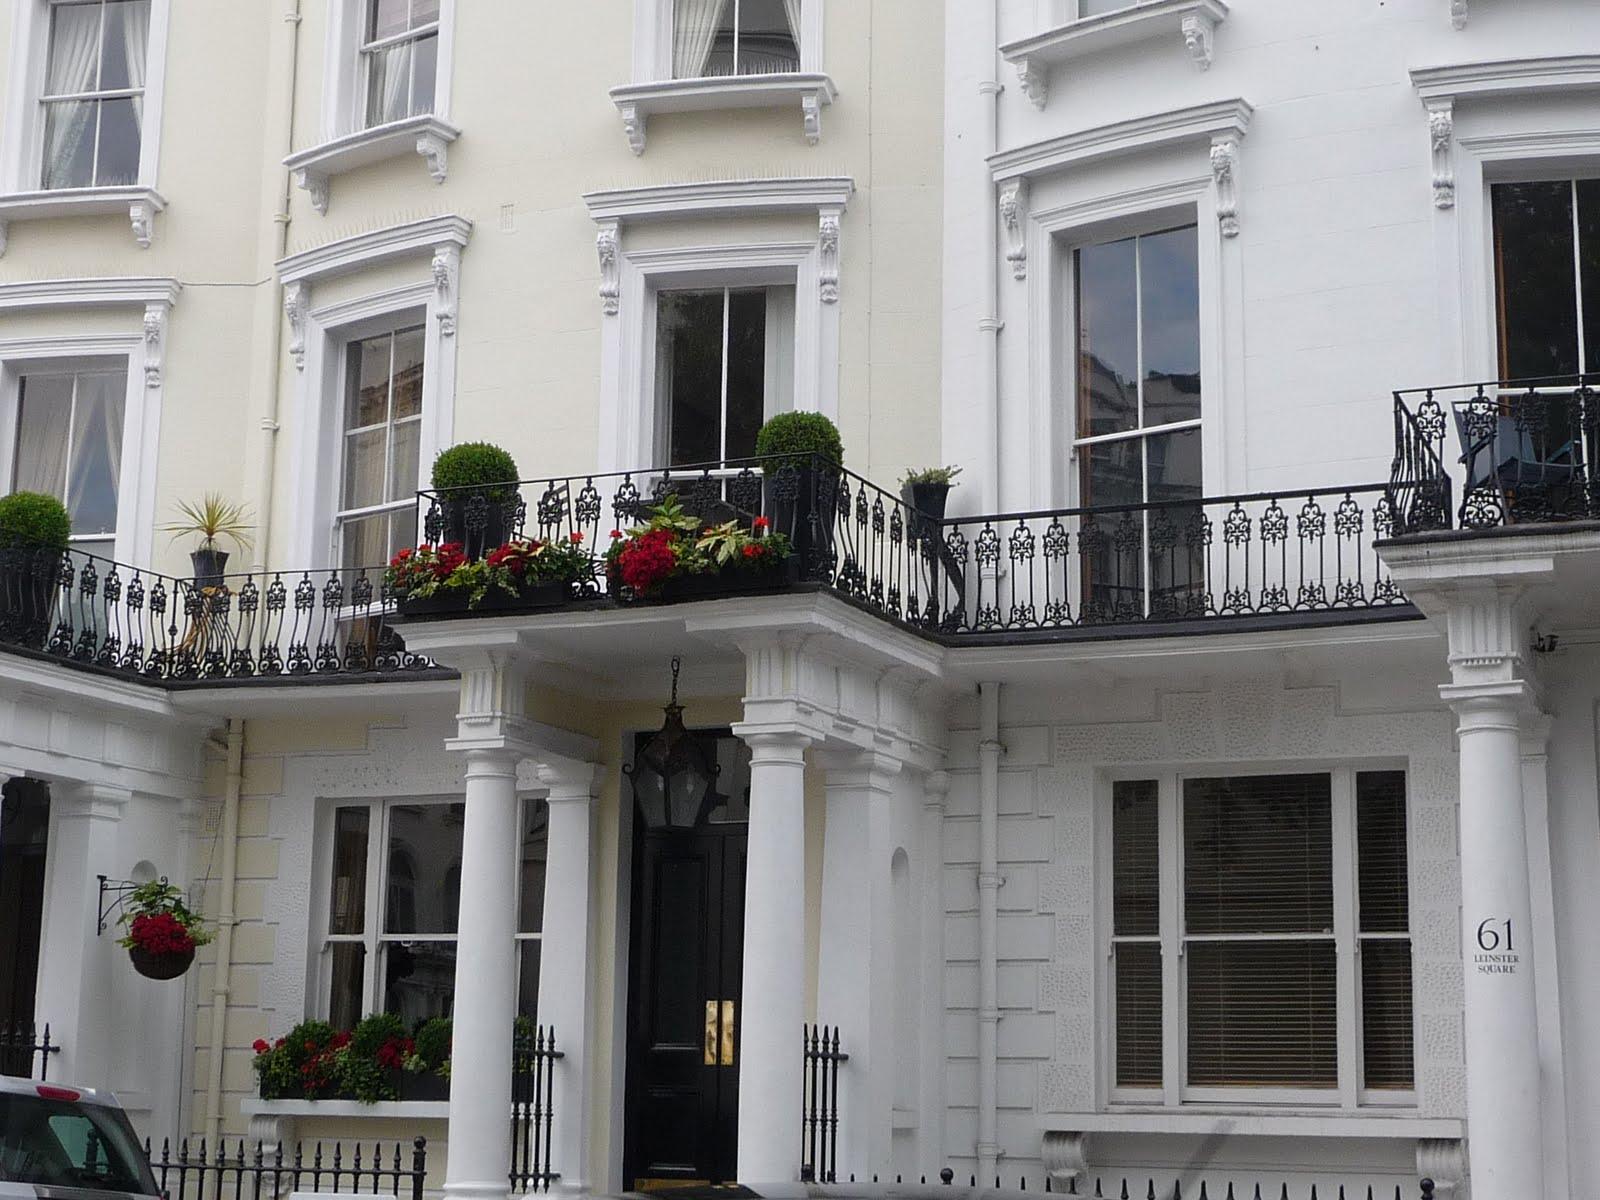 Appart hôtel Londres : comment bien le choisir ?